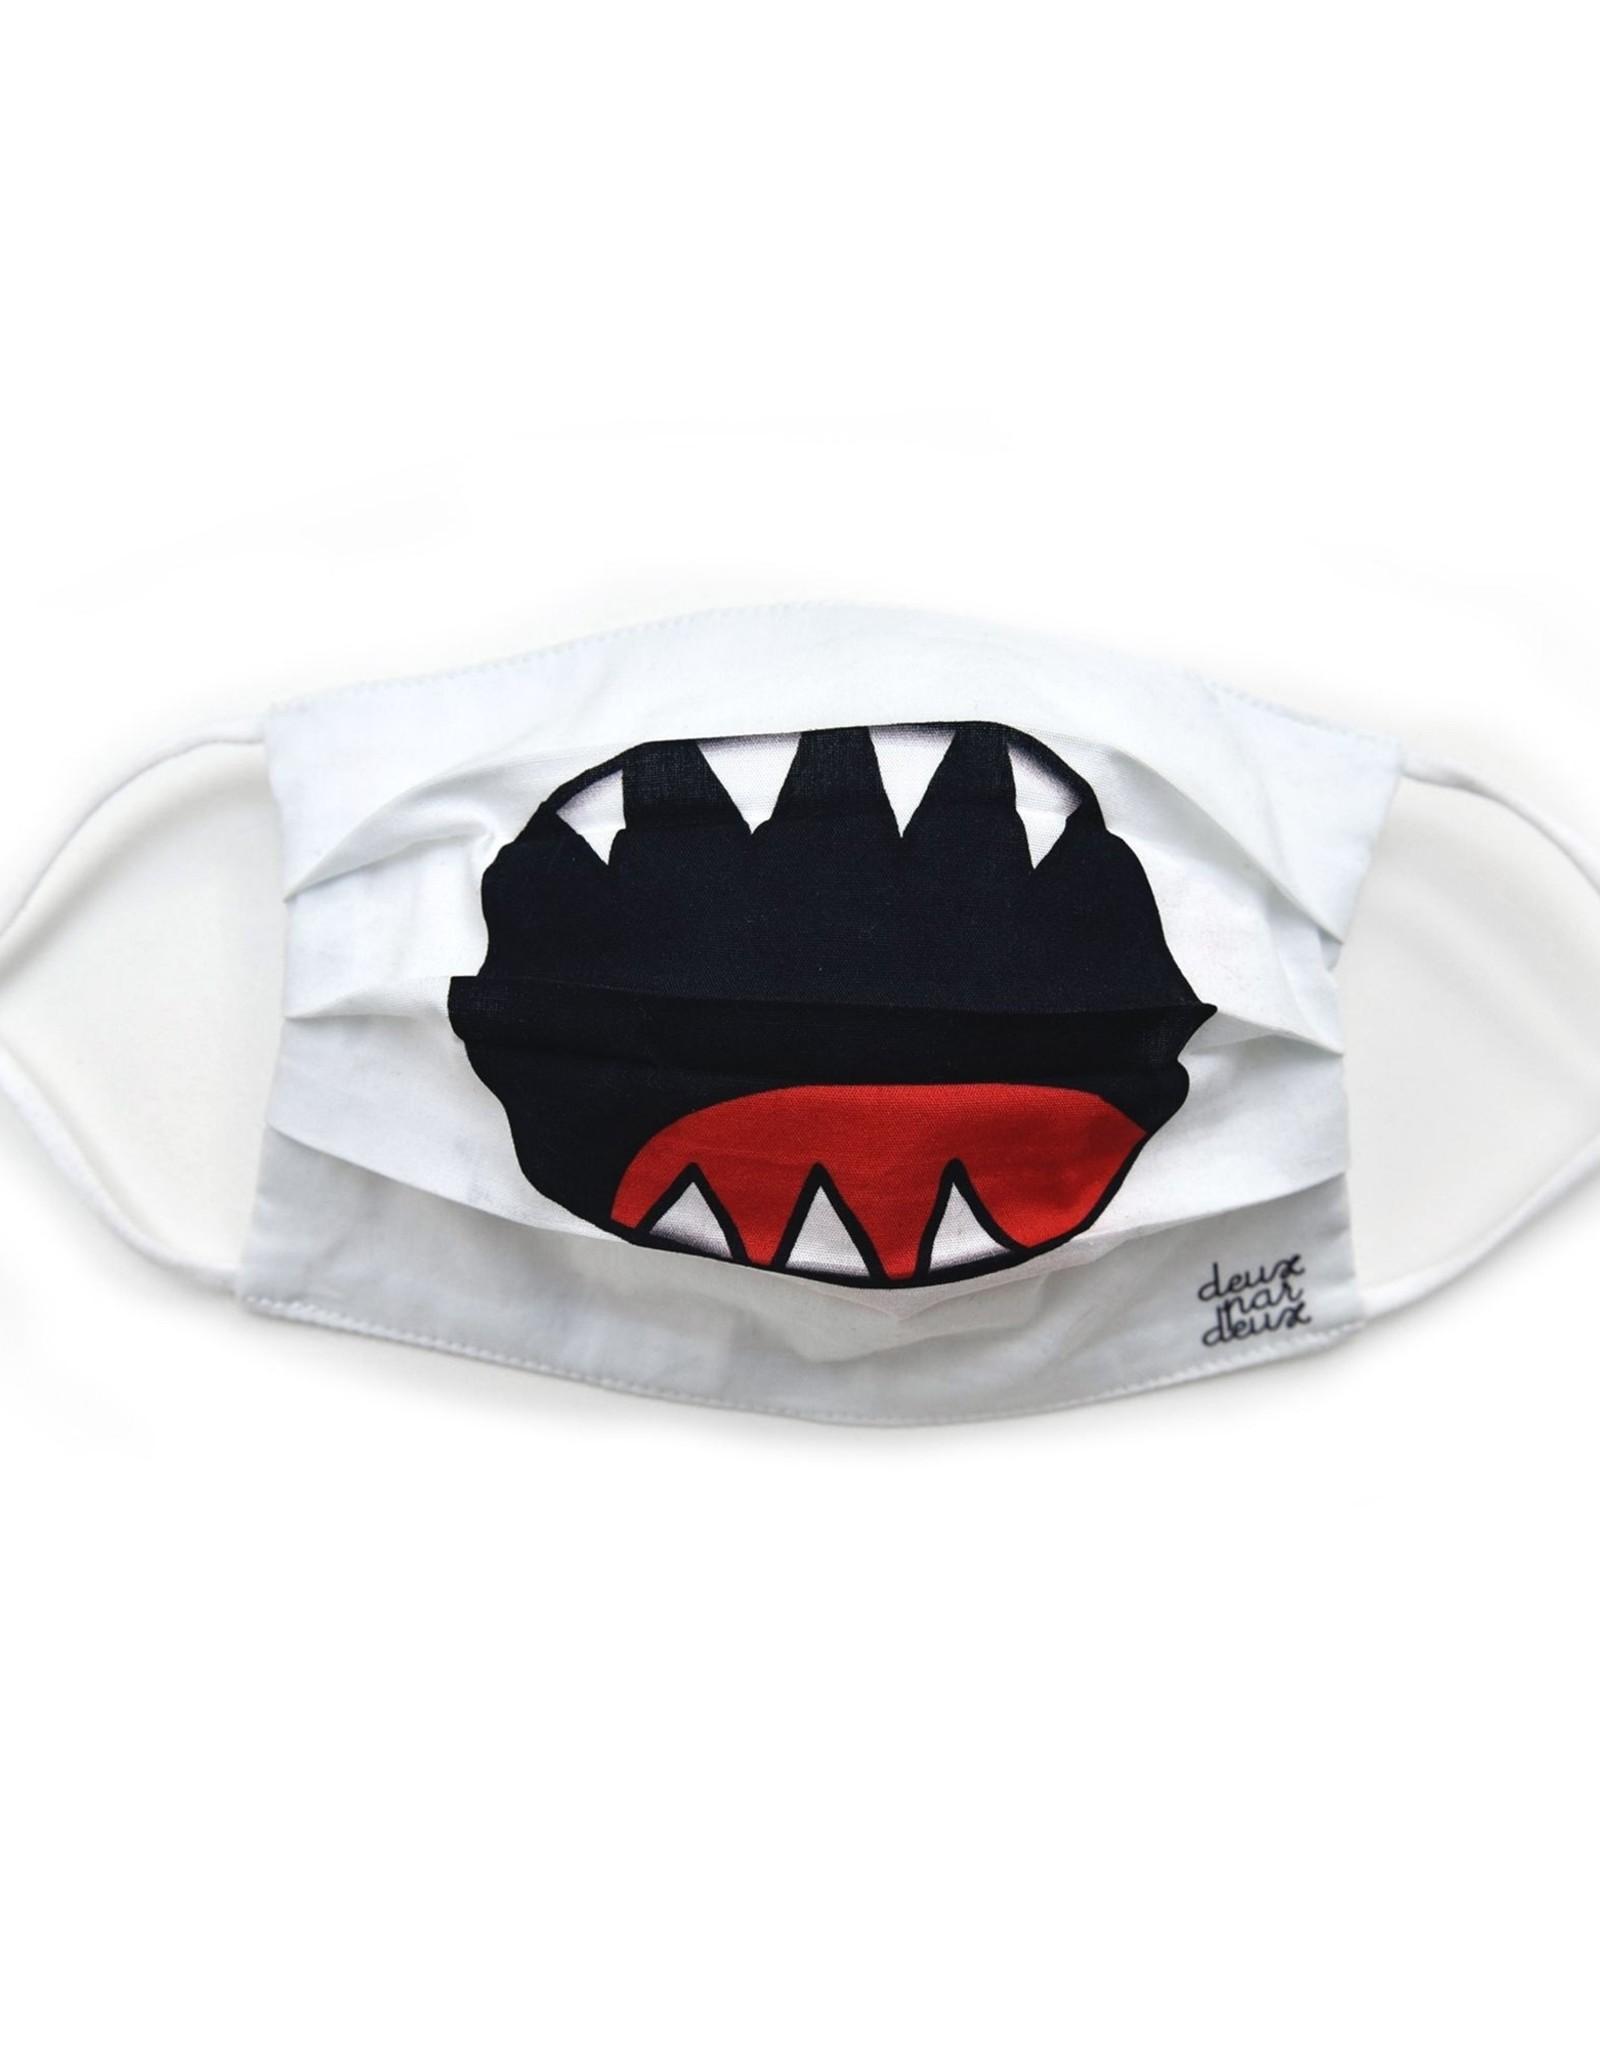 DeuxParDeux Shark Mask